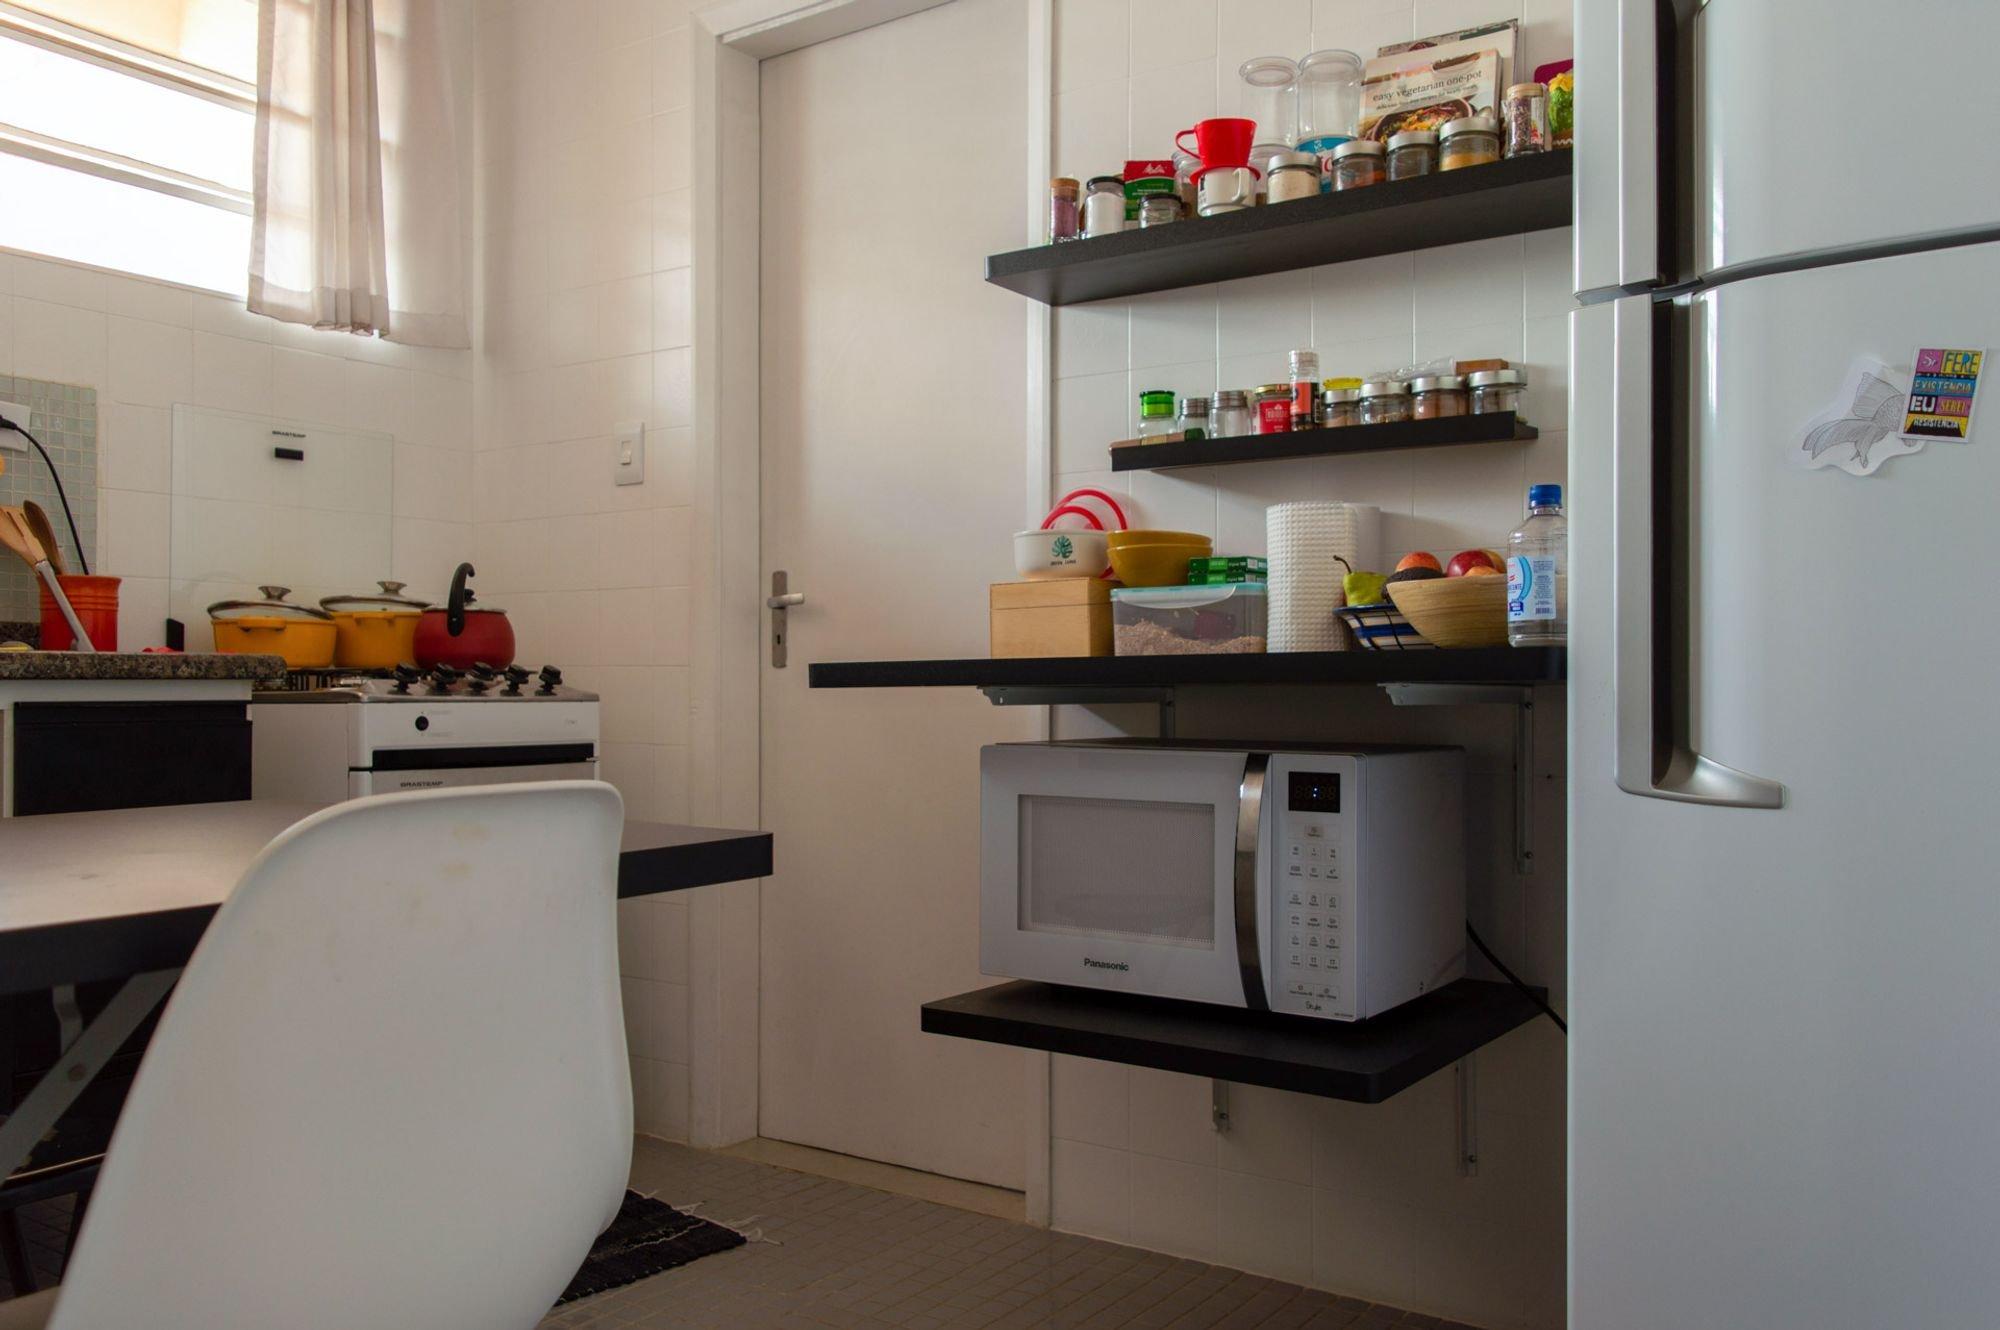 Foto de Cozinha com garrafa, tigela, geladeira, cadeira, microondas